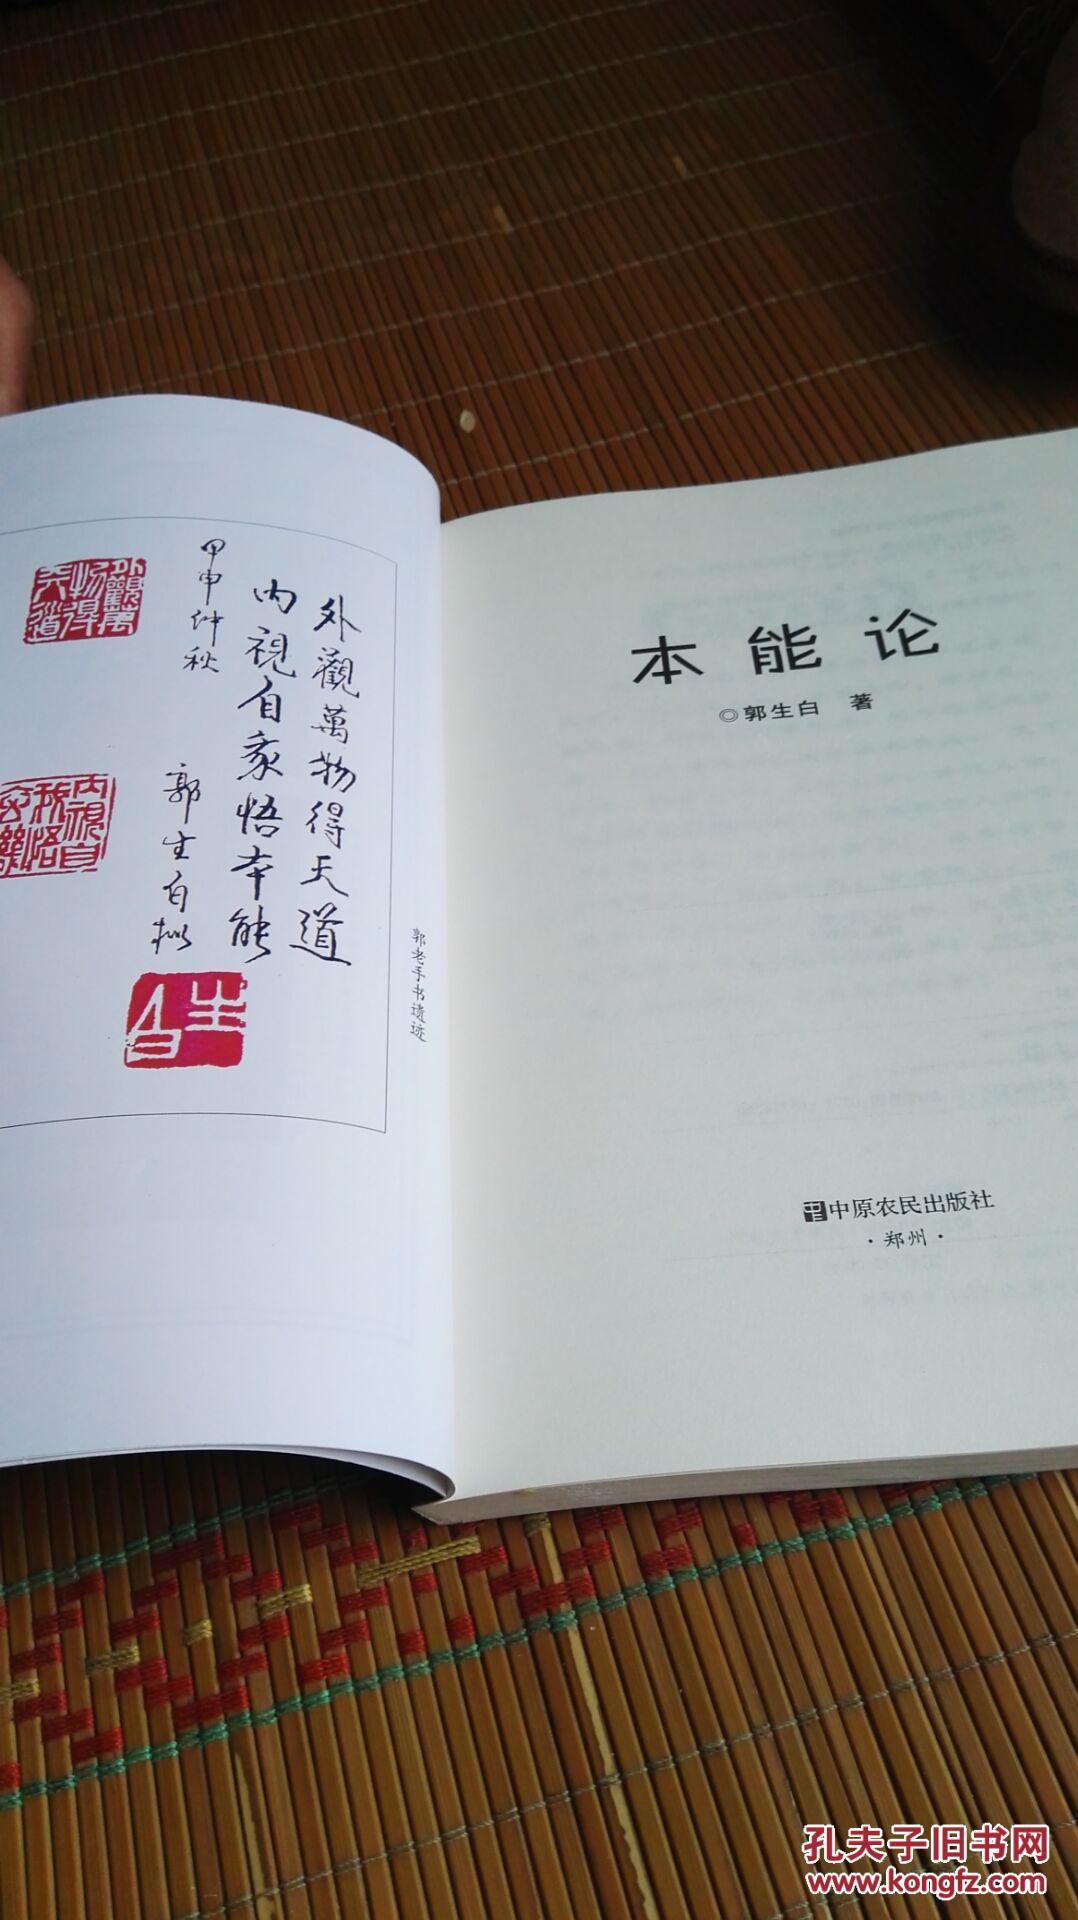 郭生白著作: 《本能论》2016年161页(详见图片及描述